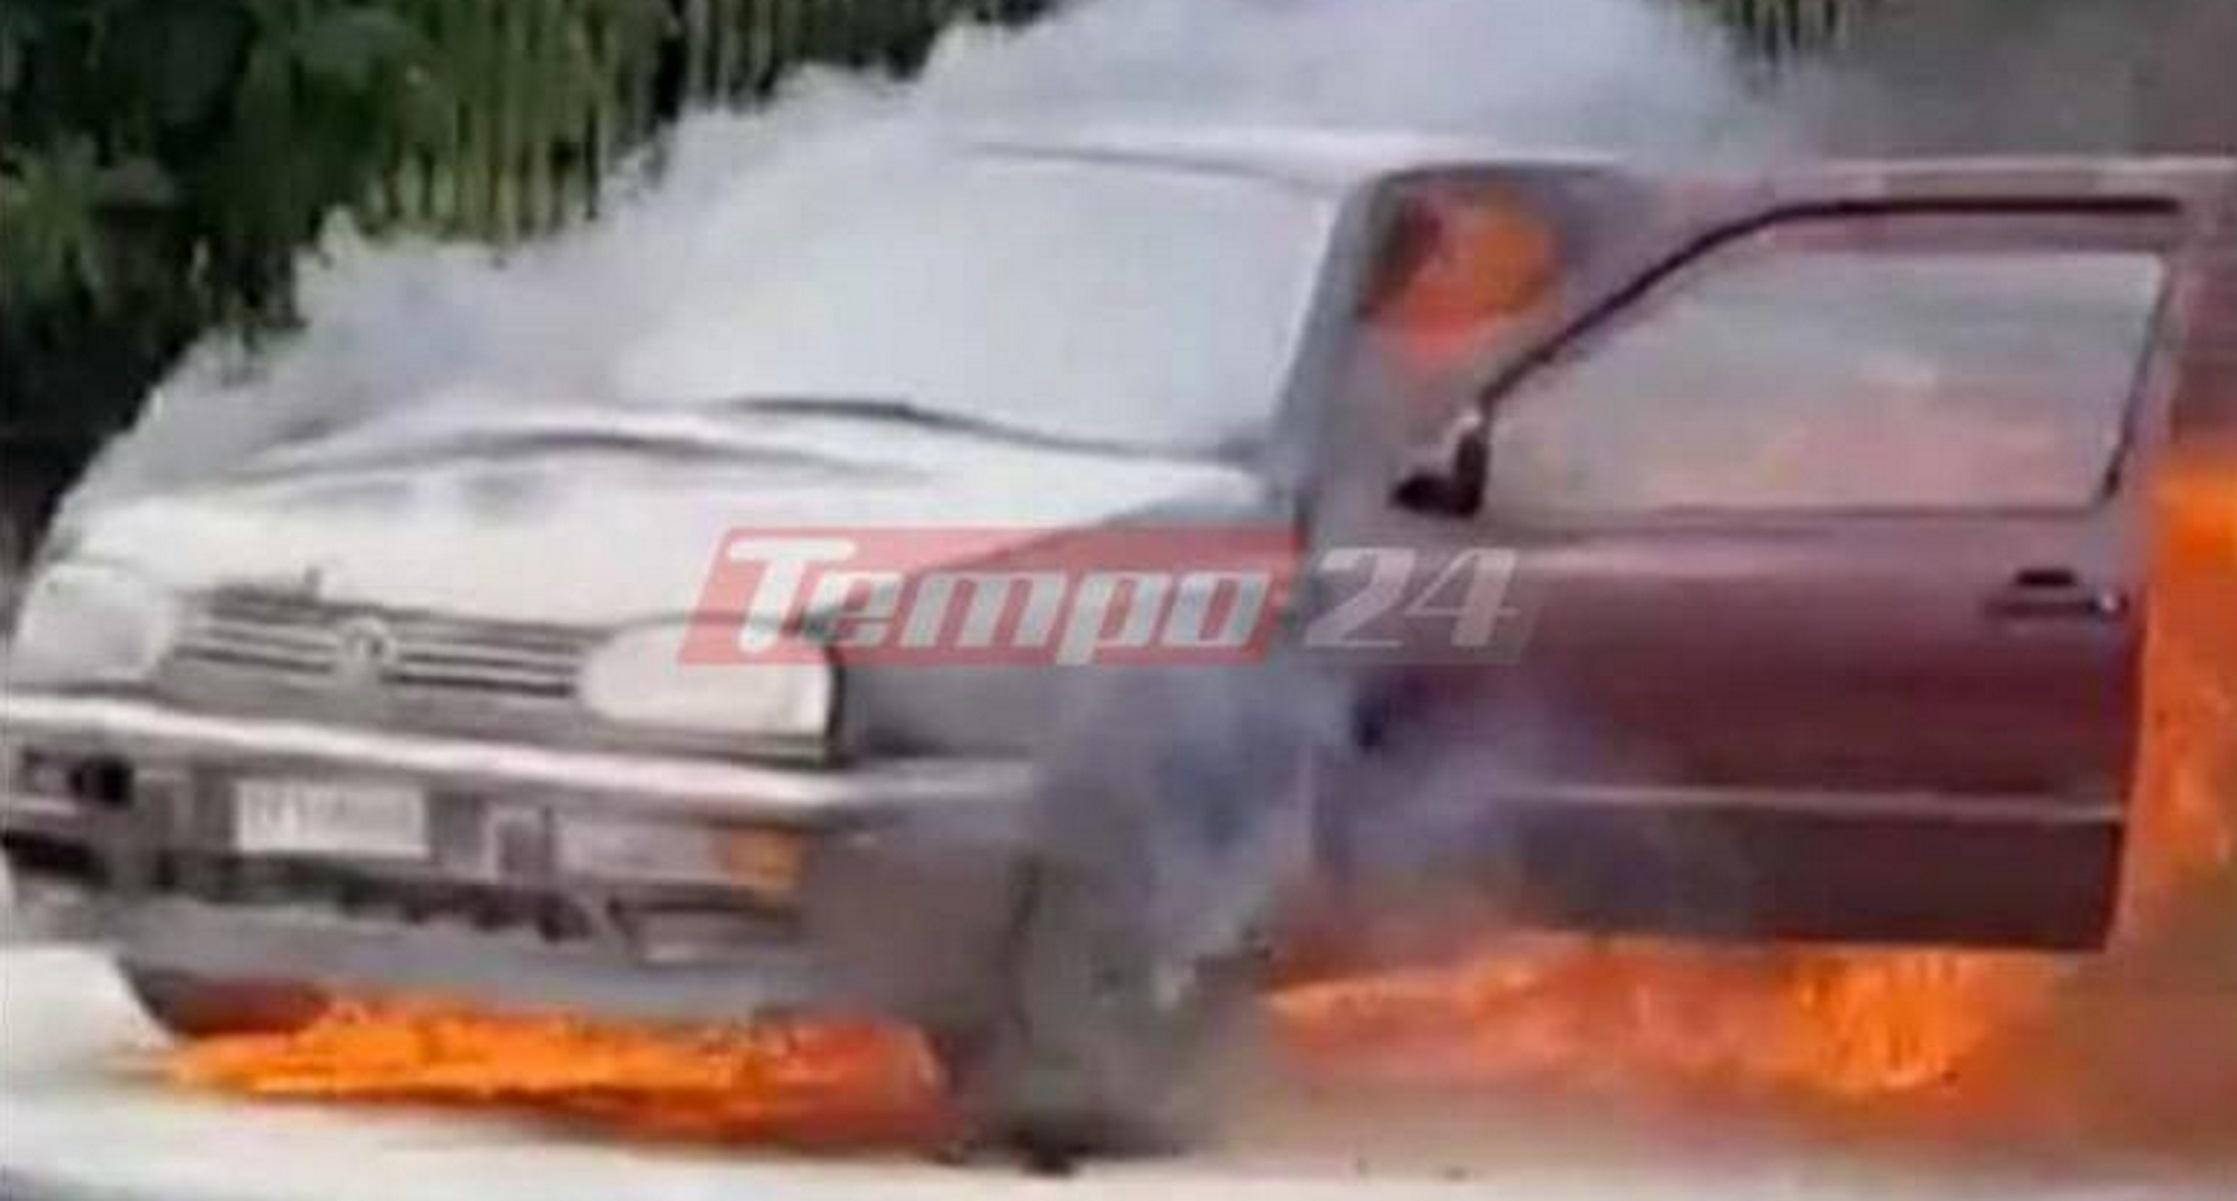 Βίντεο με φλεγόμενο αυτοκίνητο στην Πάτρα – Λαμπάδιασε σταματημένο στο φανάρι